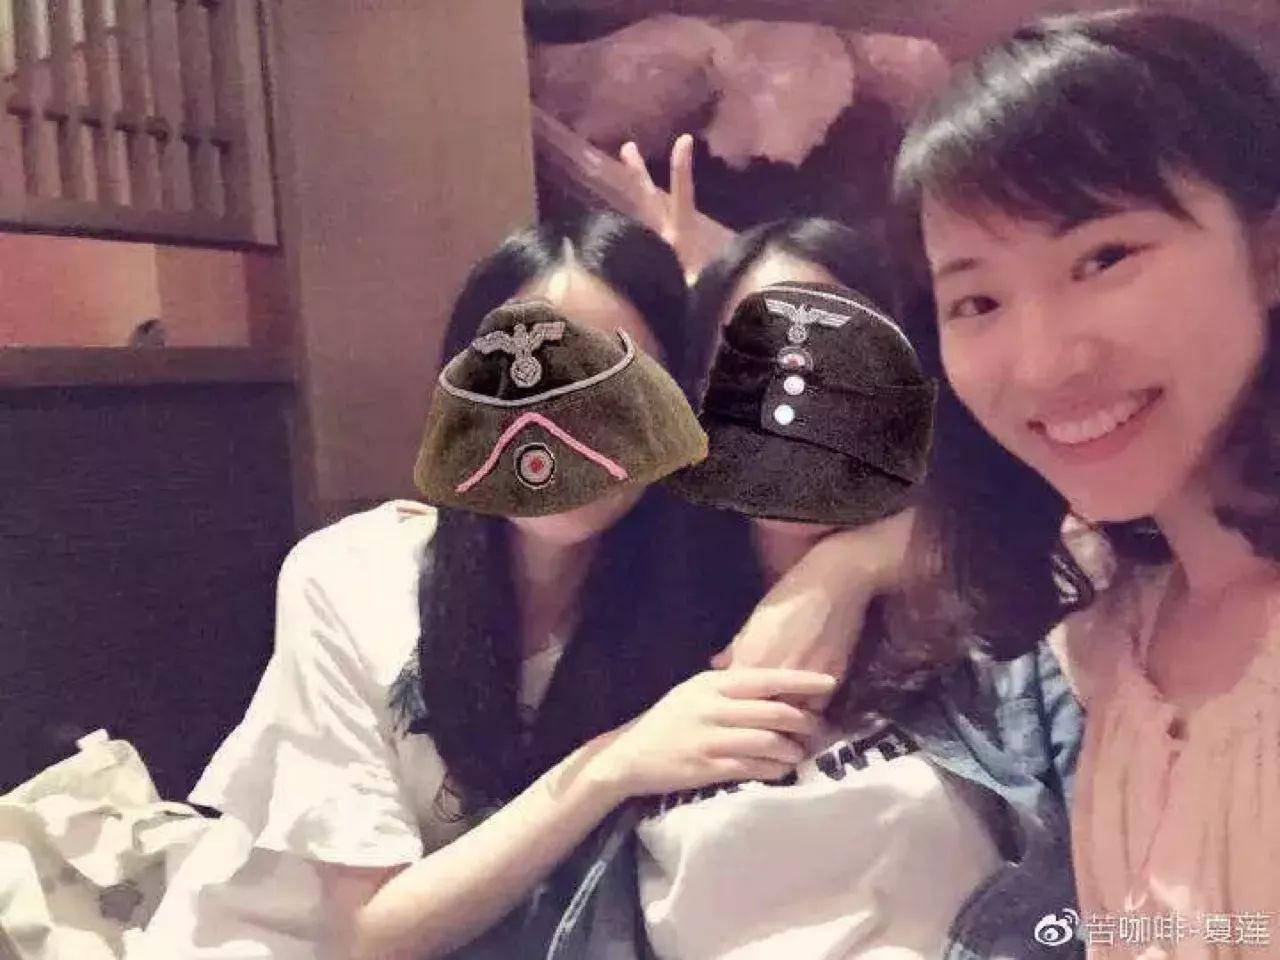 刘鑫在过年期间发的自拍被挖出来,成为被谴责的理由